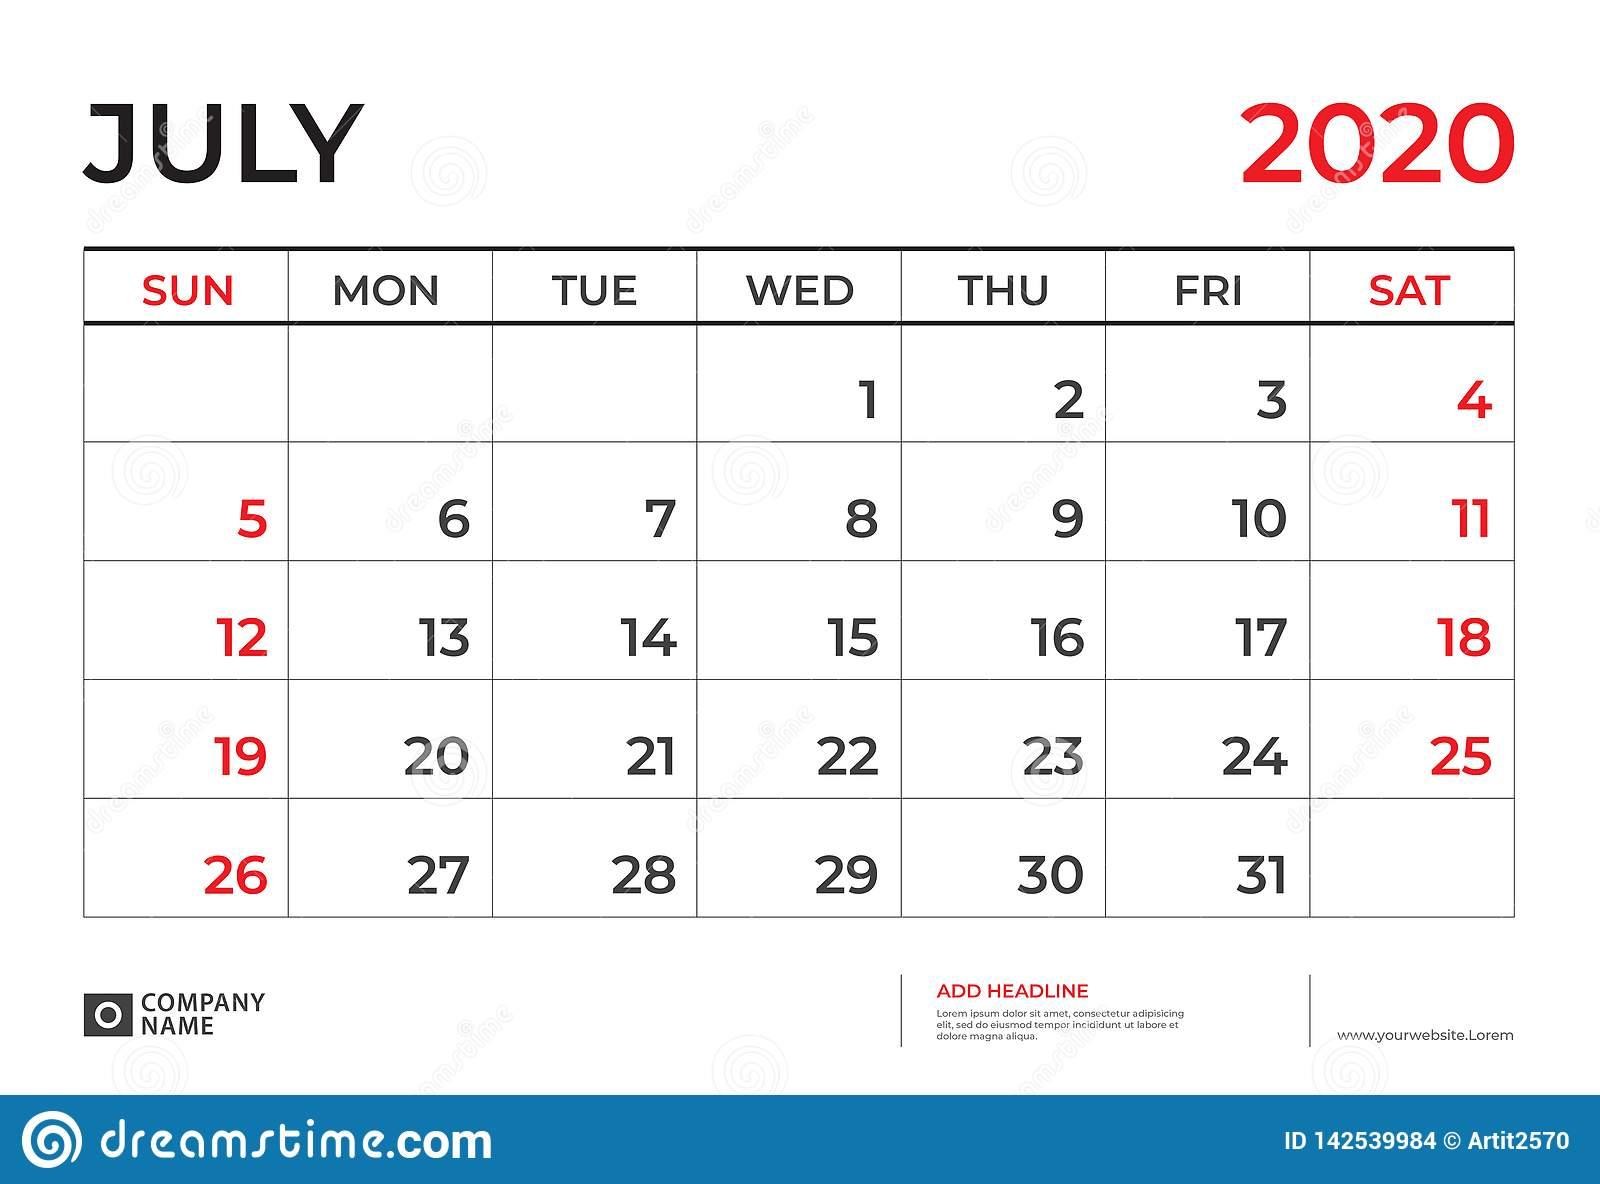 July 2020 Calendar Template, Desk Calendar Layout Size 9.5 X